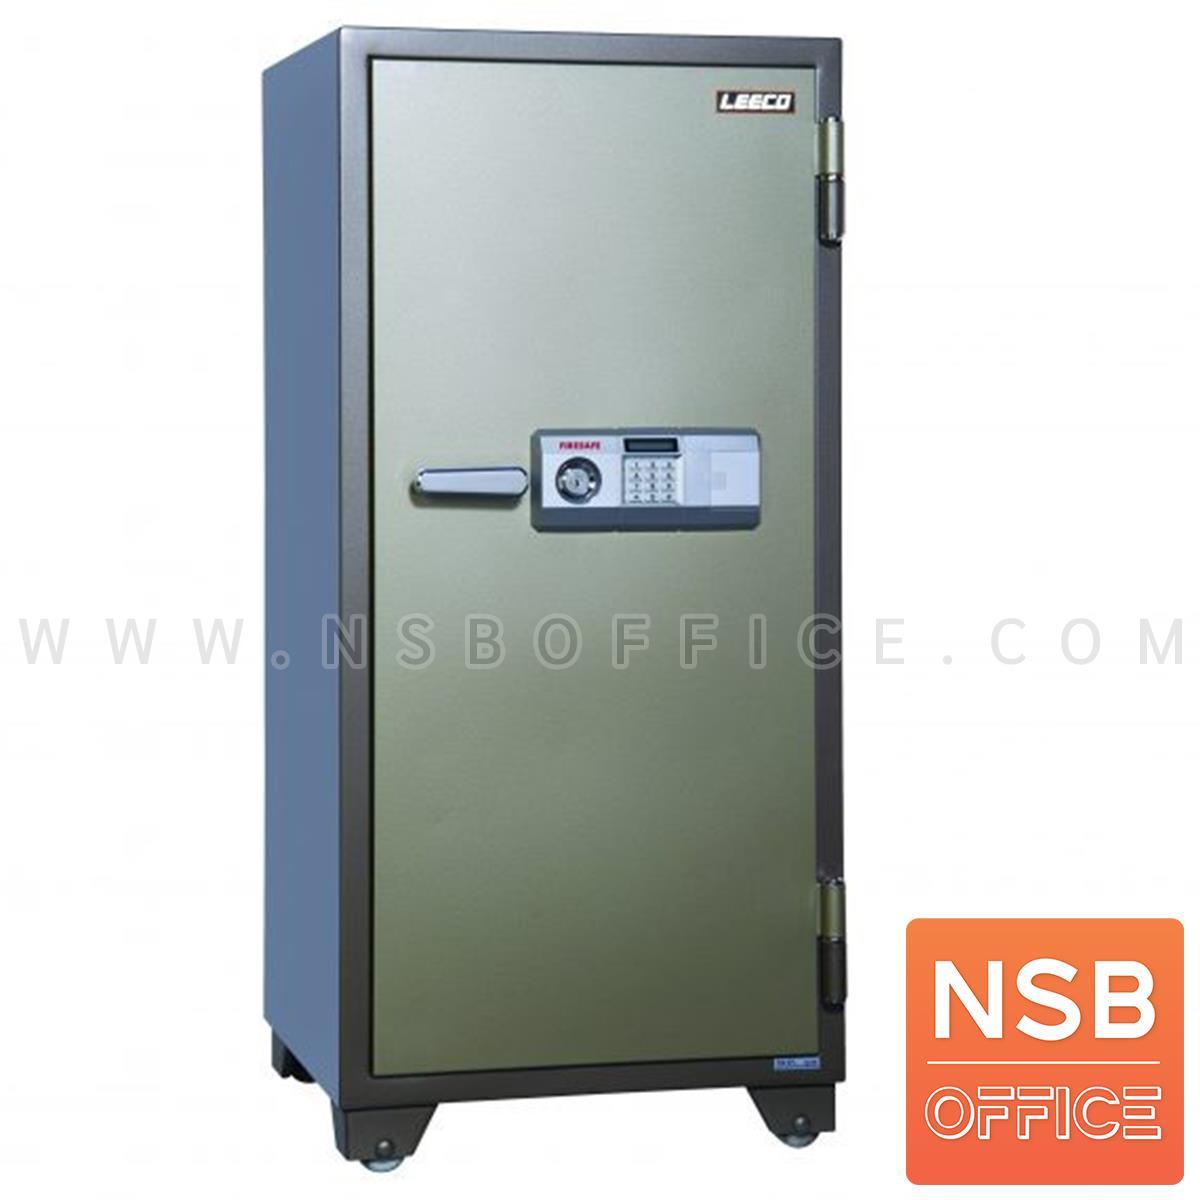 ตู้เซฟนิรภัยระบบดิจิตอล 250 กก. ลีโก้ รุ่น LEECO-702-XPL มี 1 กุญแจ 1 รหัส